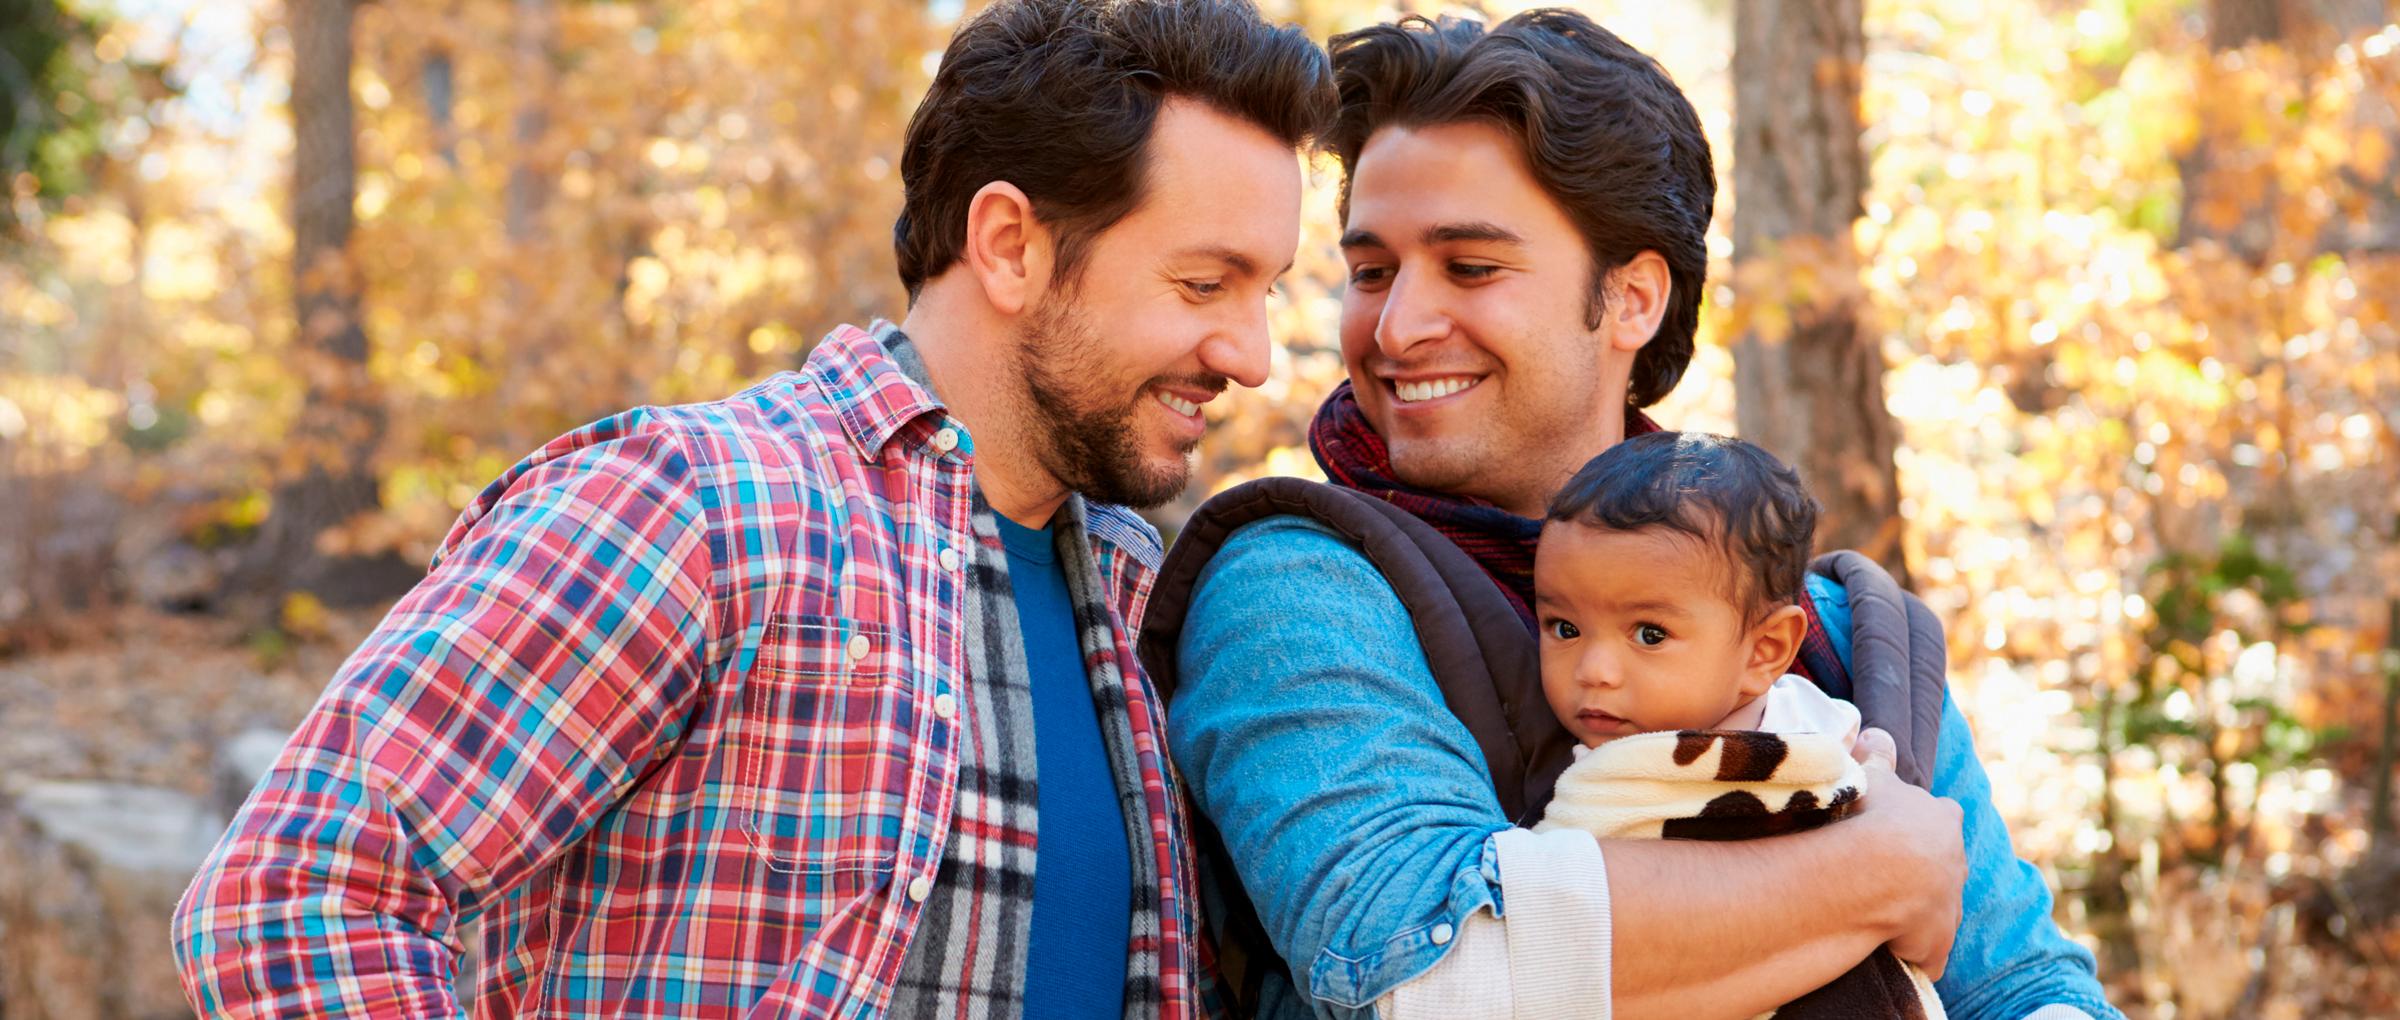 Adopción de niños por parejas gay